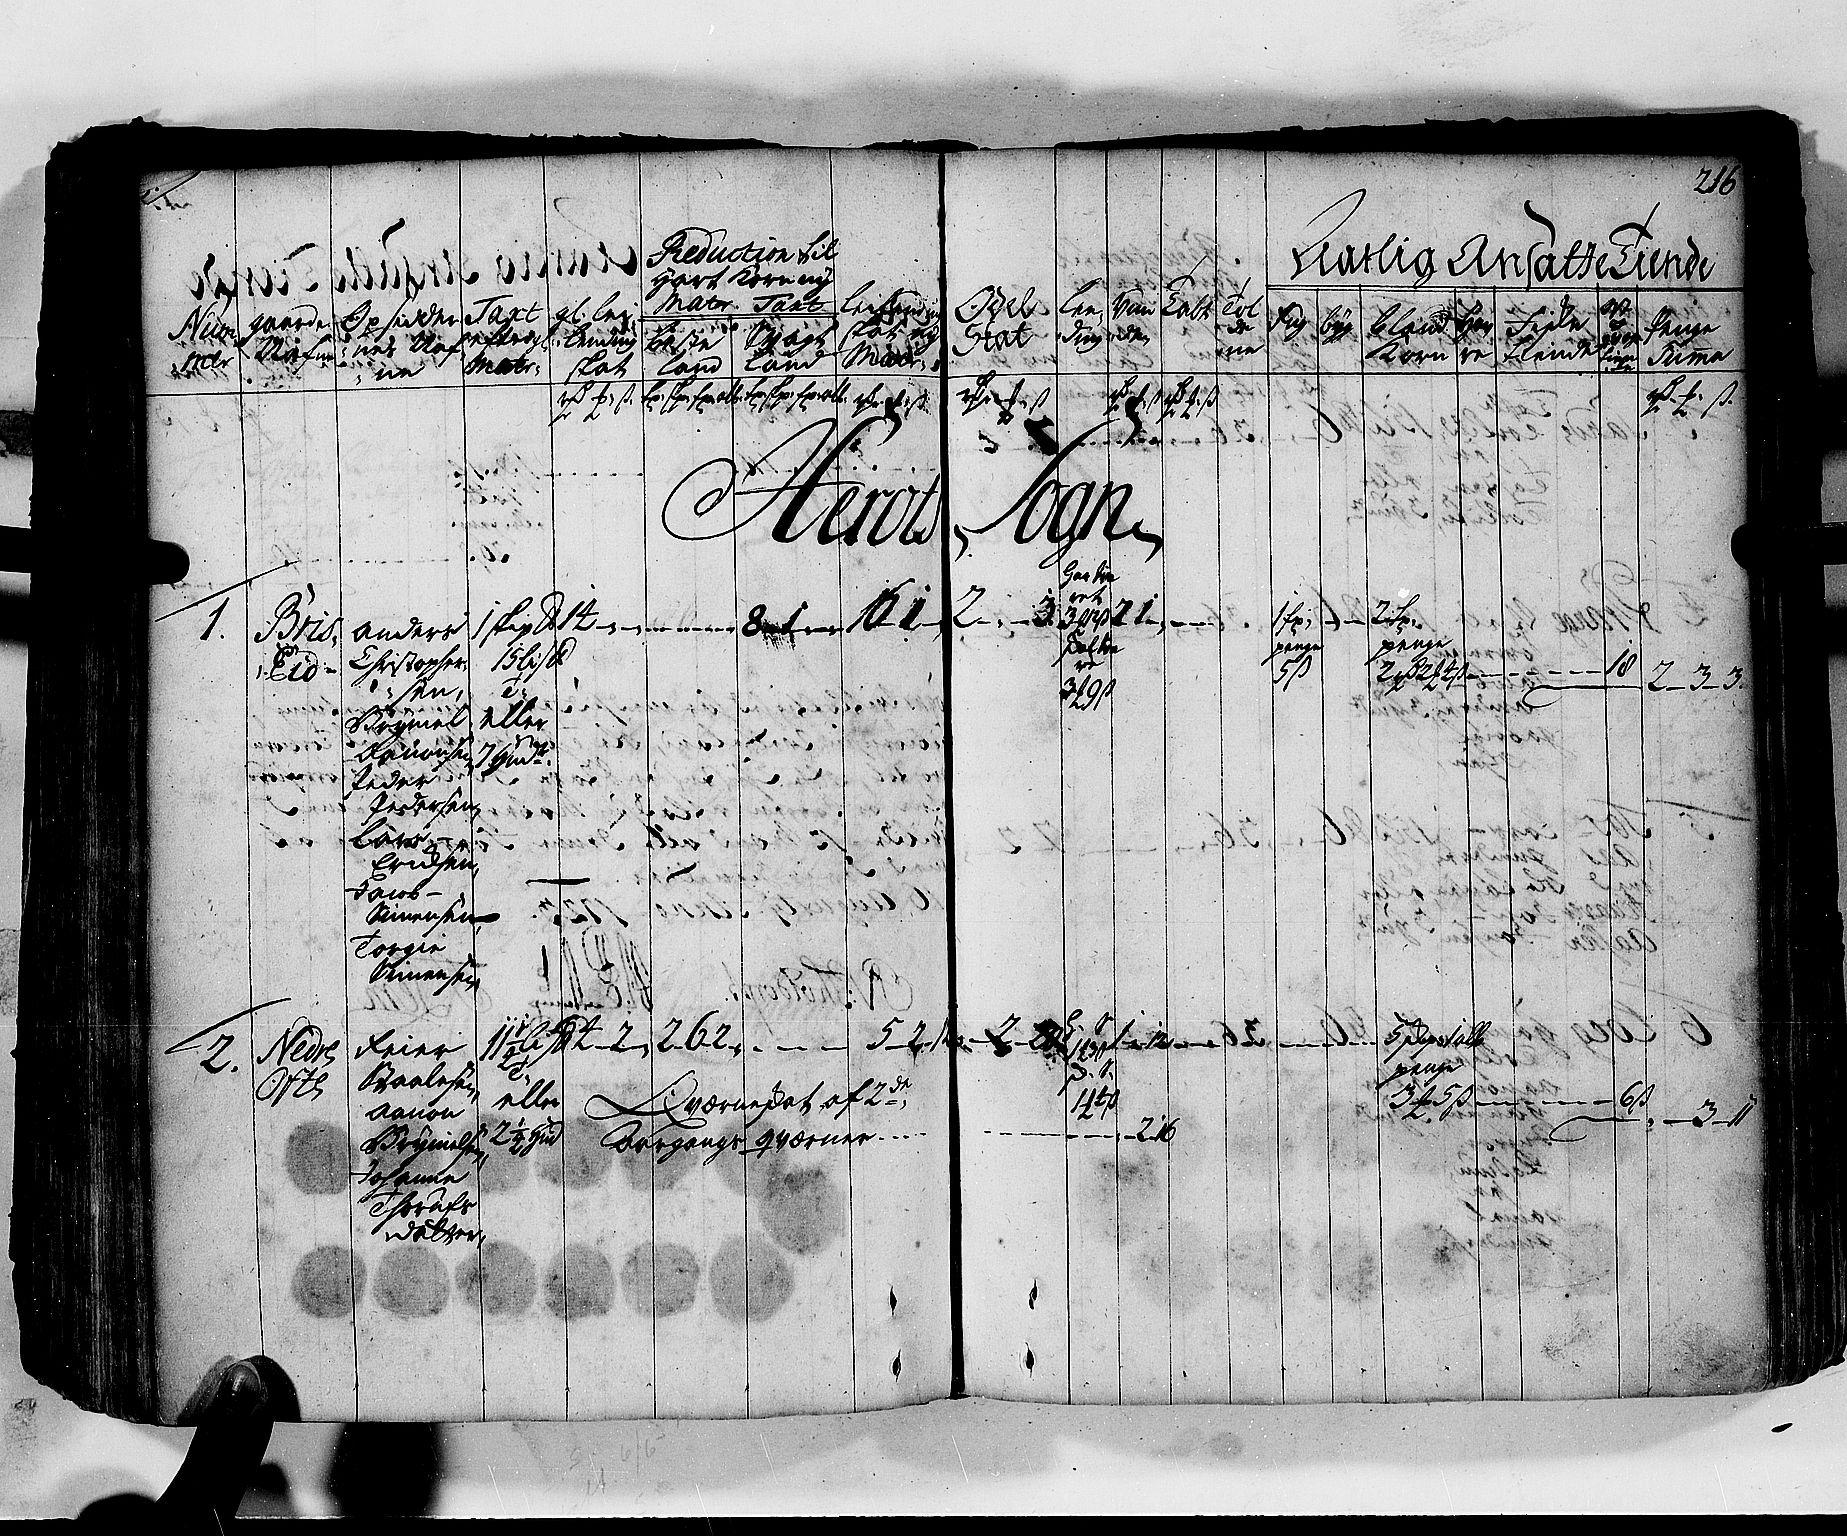 RA, Rentekammeret inntil 1814, Realistisk ordnet avdeling, N/Nb/Nbf/L0130: Lista matrikkelprotokoll, 1723, s. 215b-216a